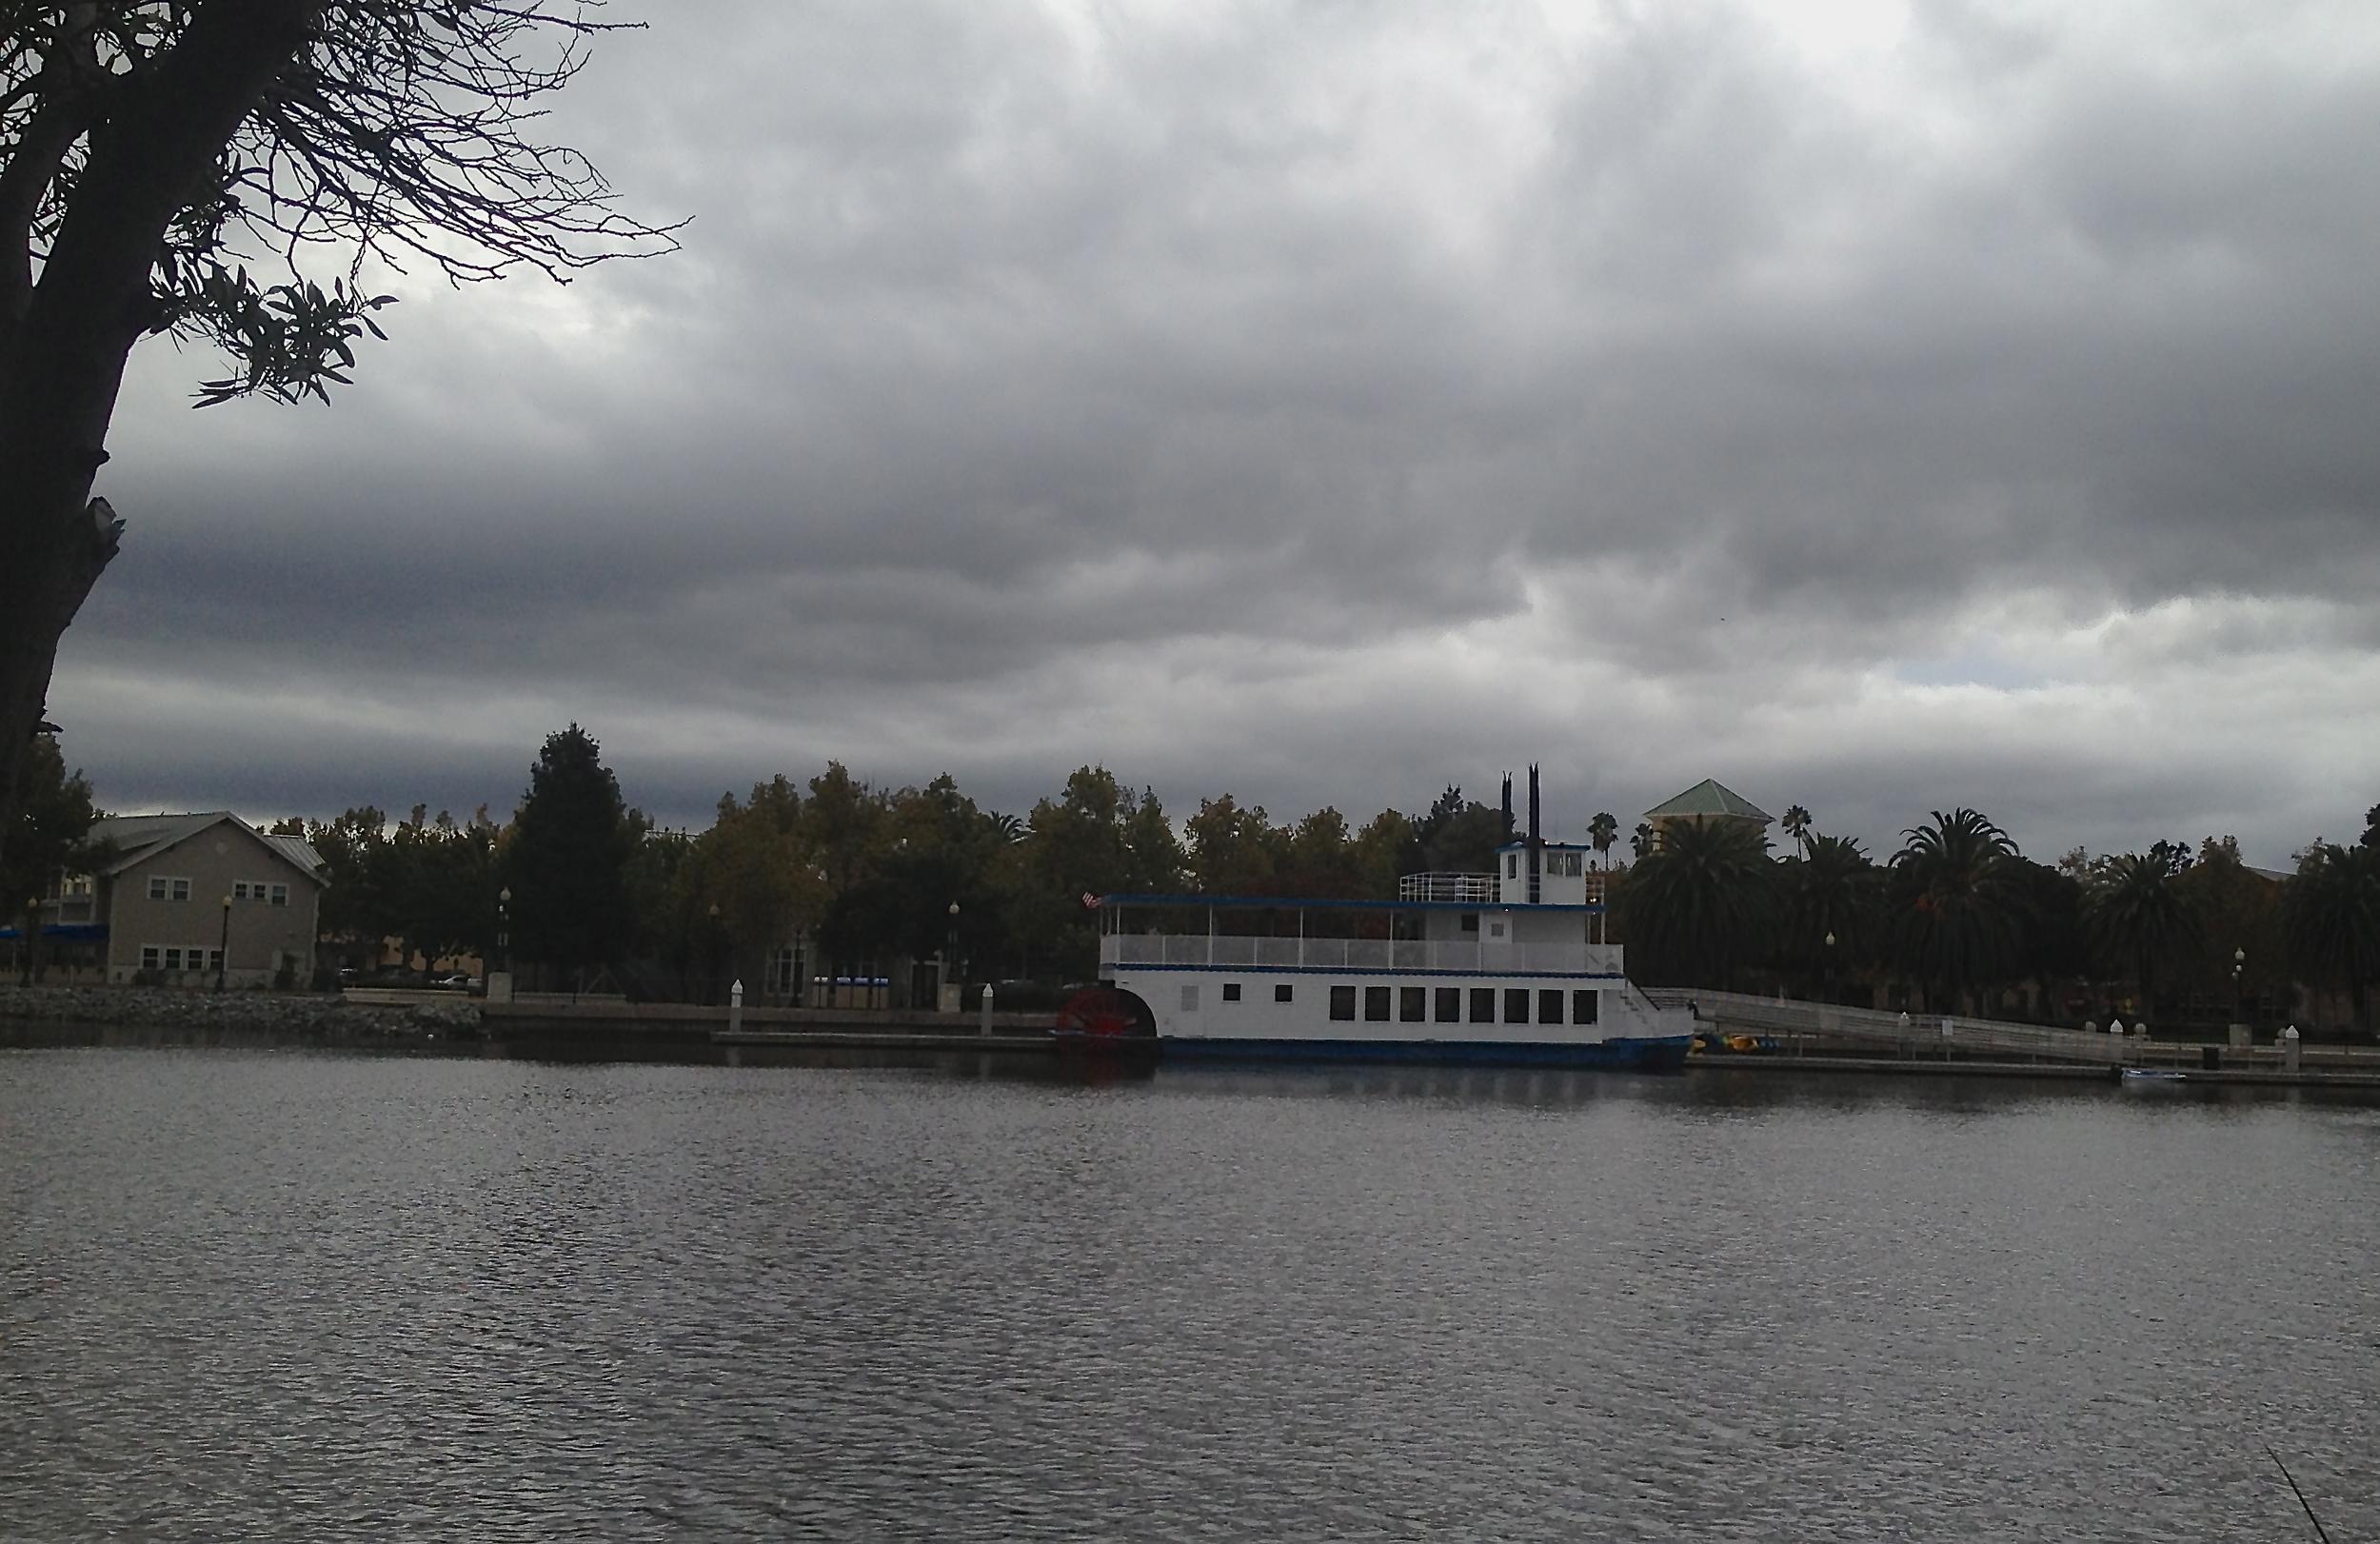 Riverboat Matthew McKinley docked under storm clouds - Suisun Waterfront